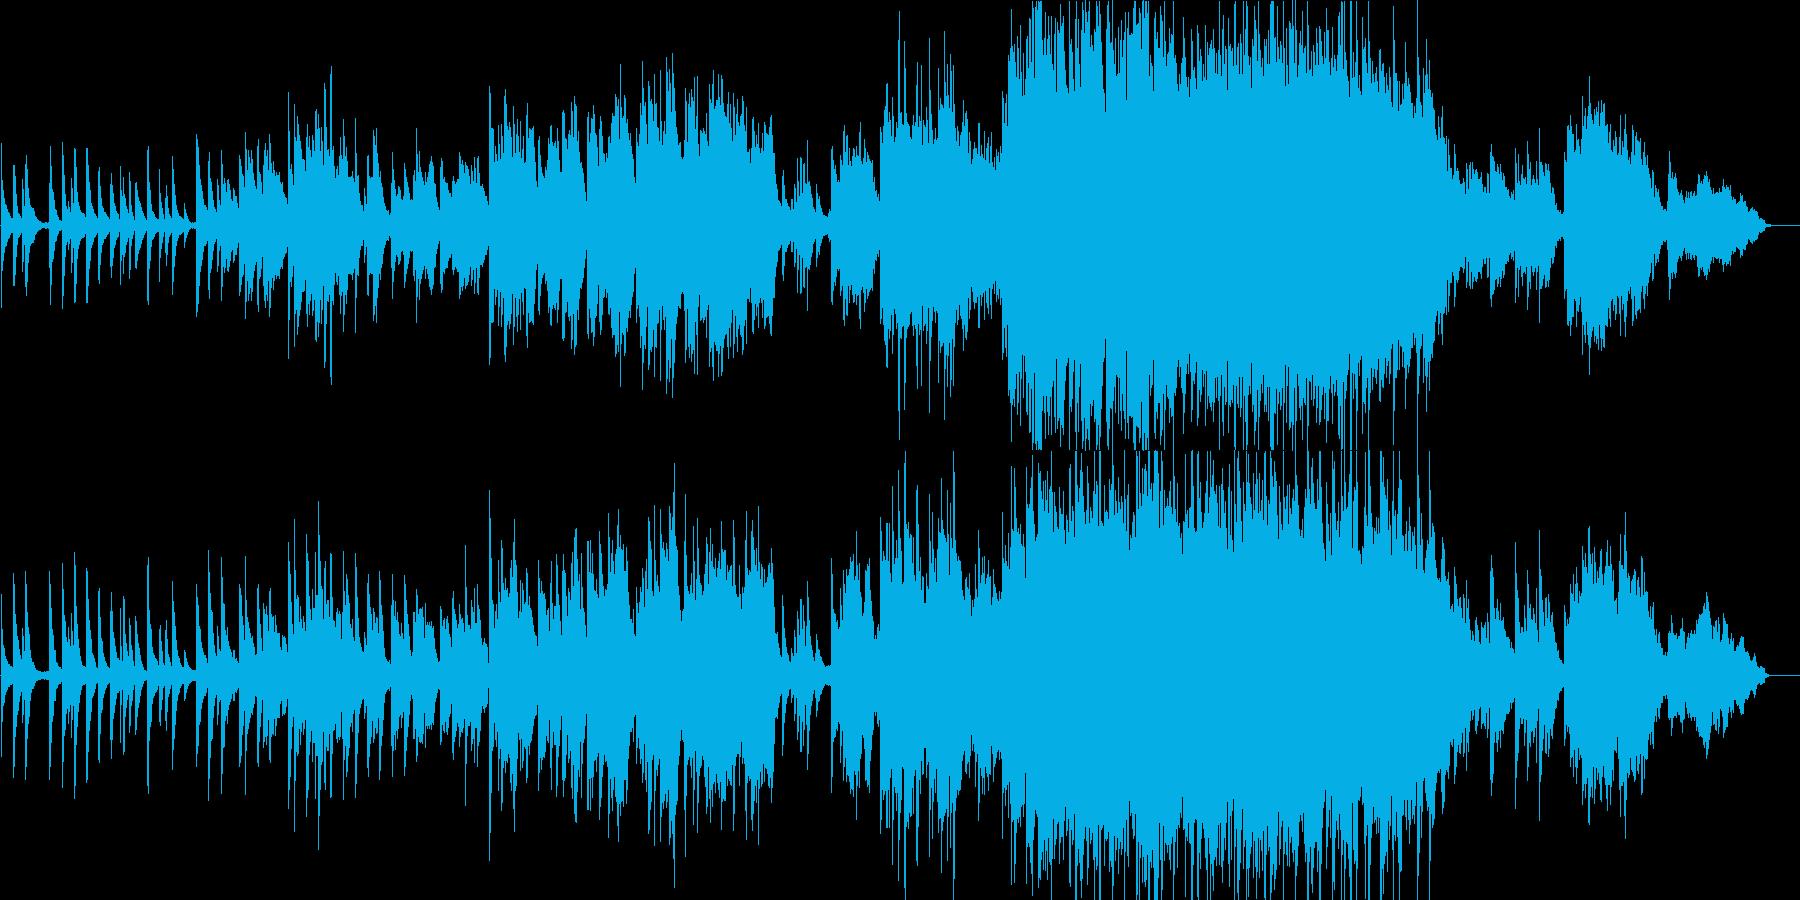 企業VP5 16bit48kHzVer.の再生済みの波形